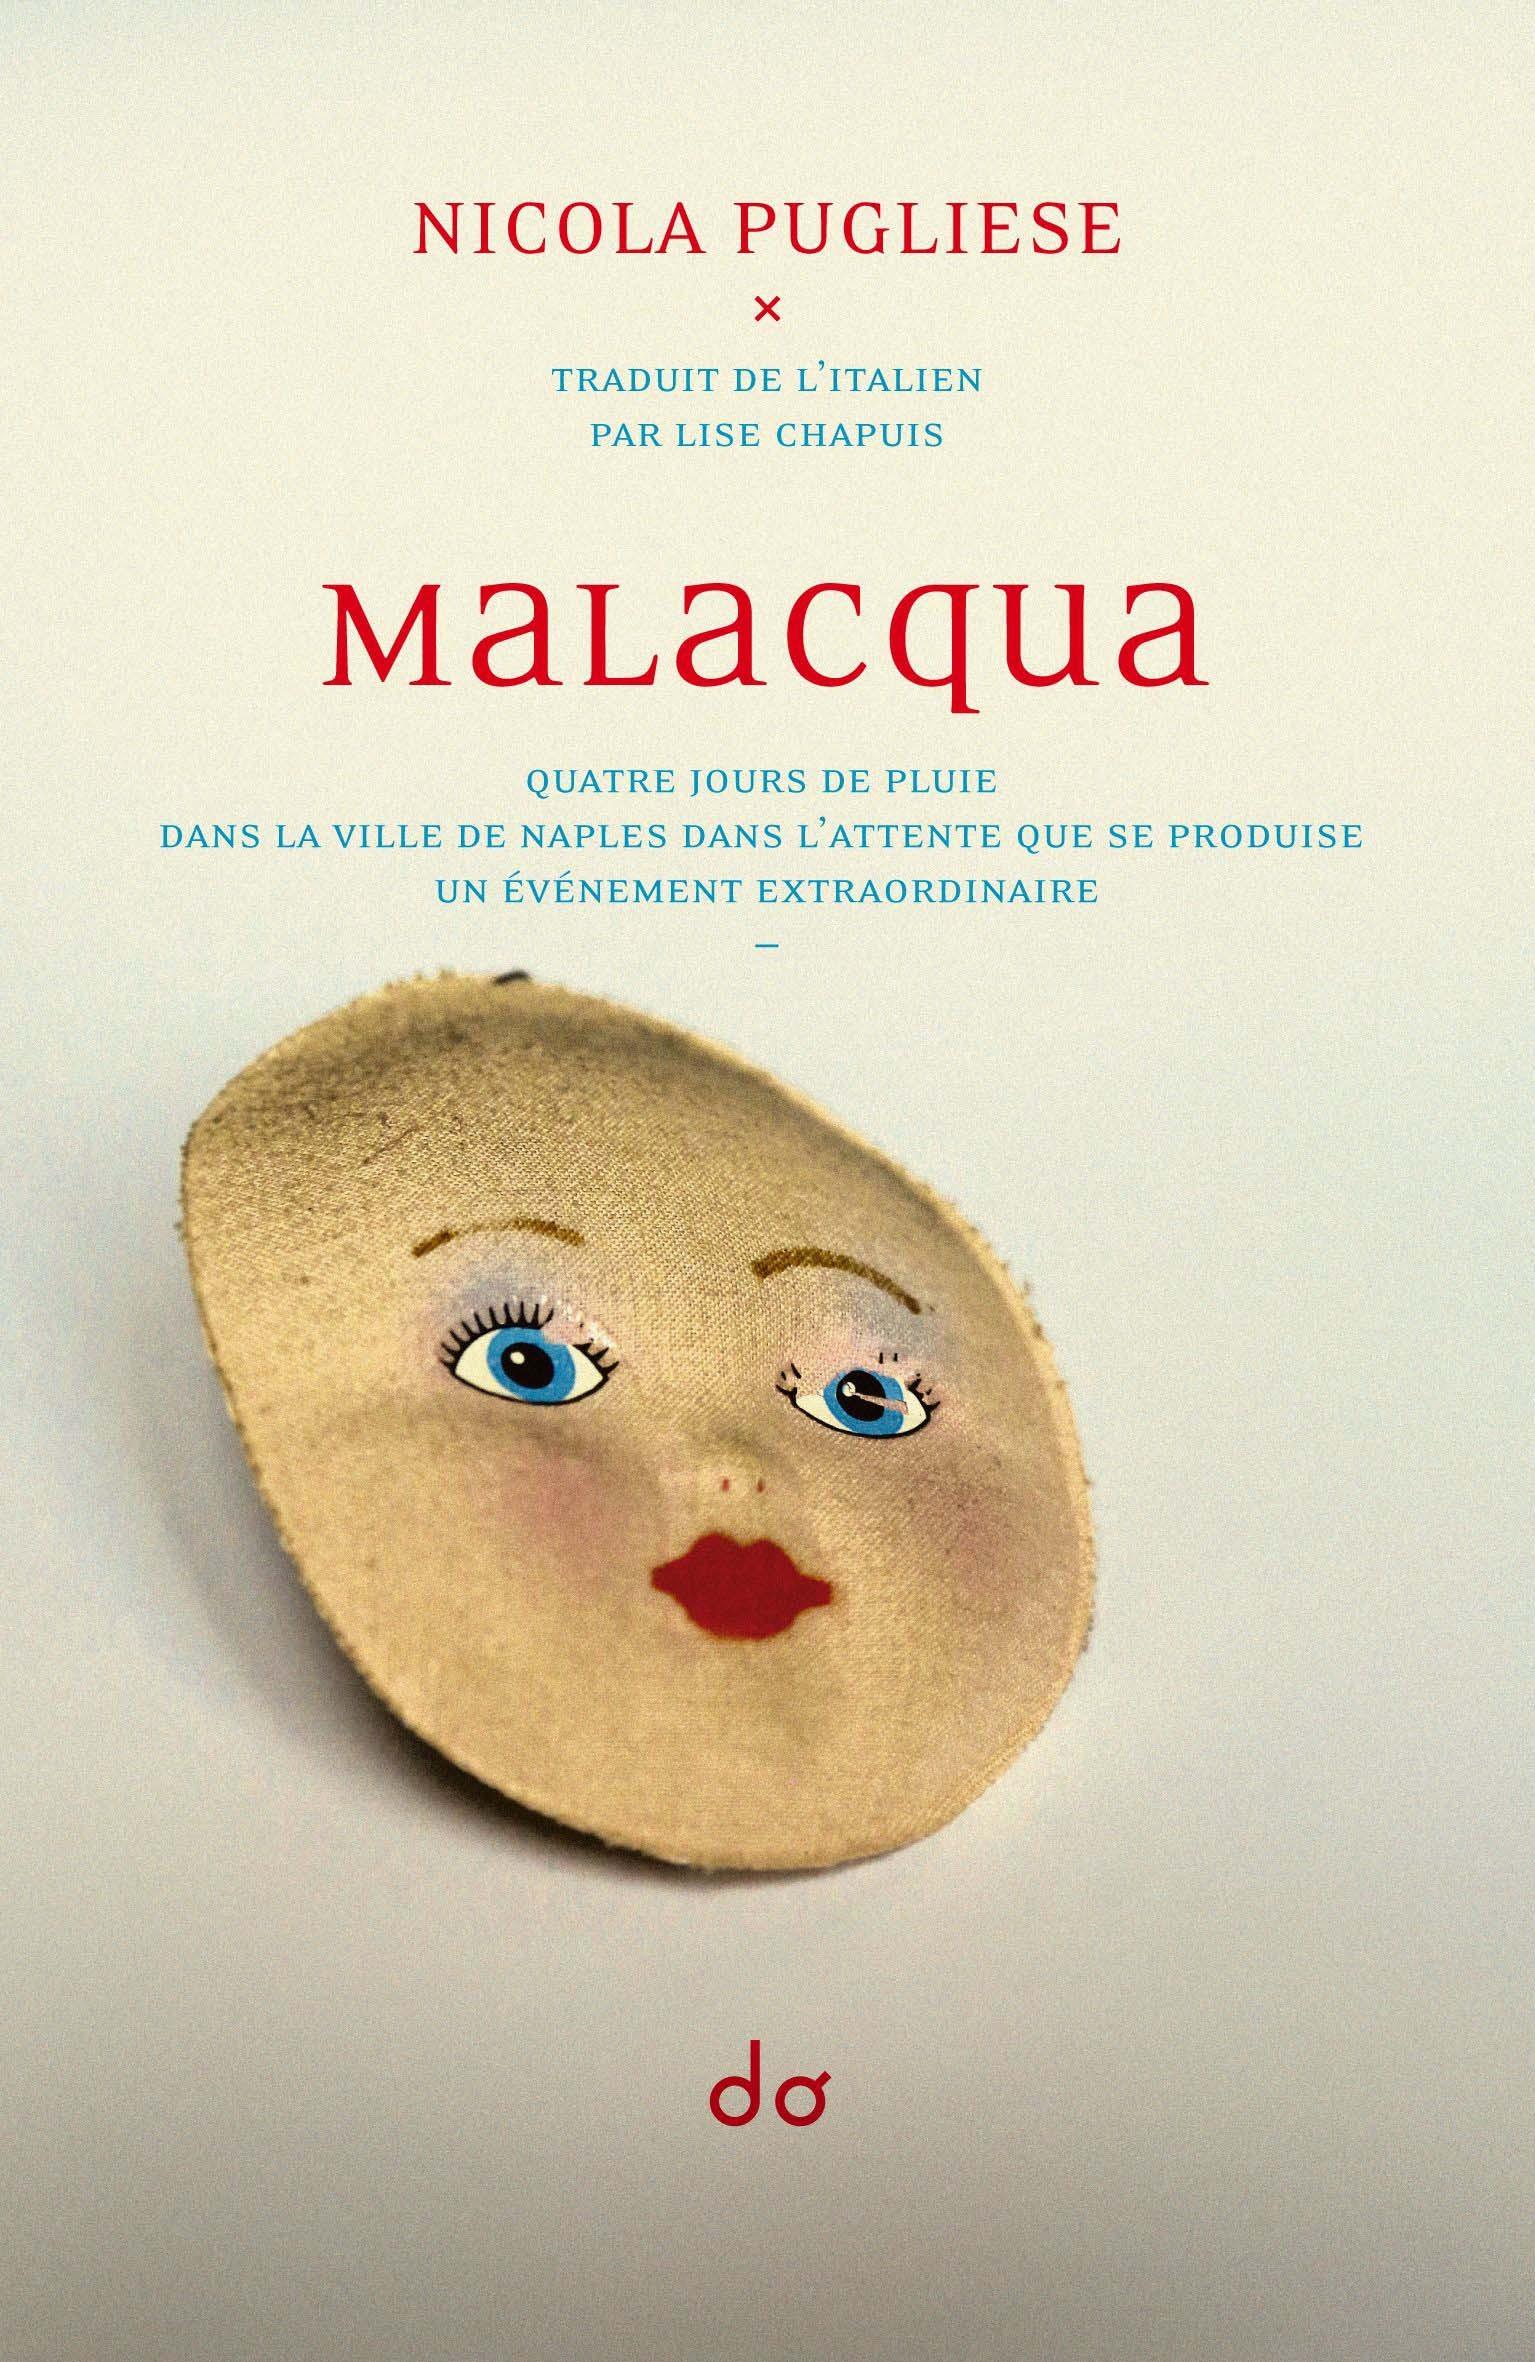 MALACQUA - QUATRE JOURS DE PLUIE DANS LA VILLE DE NAPLES DANS L ATTENTE QUE SE PRODUISE UN EVENEMENT